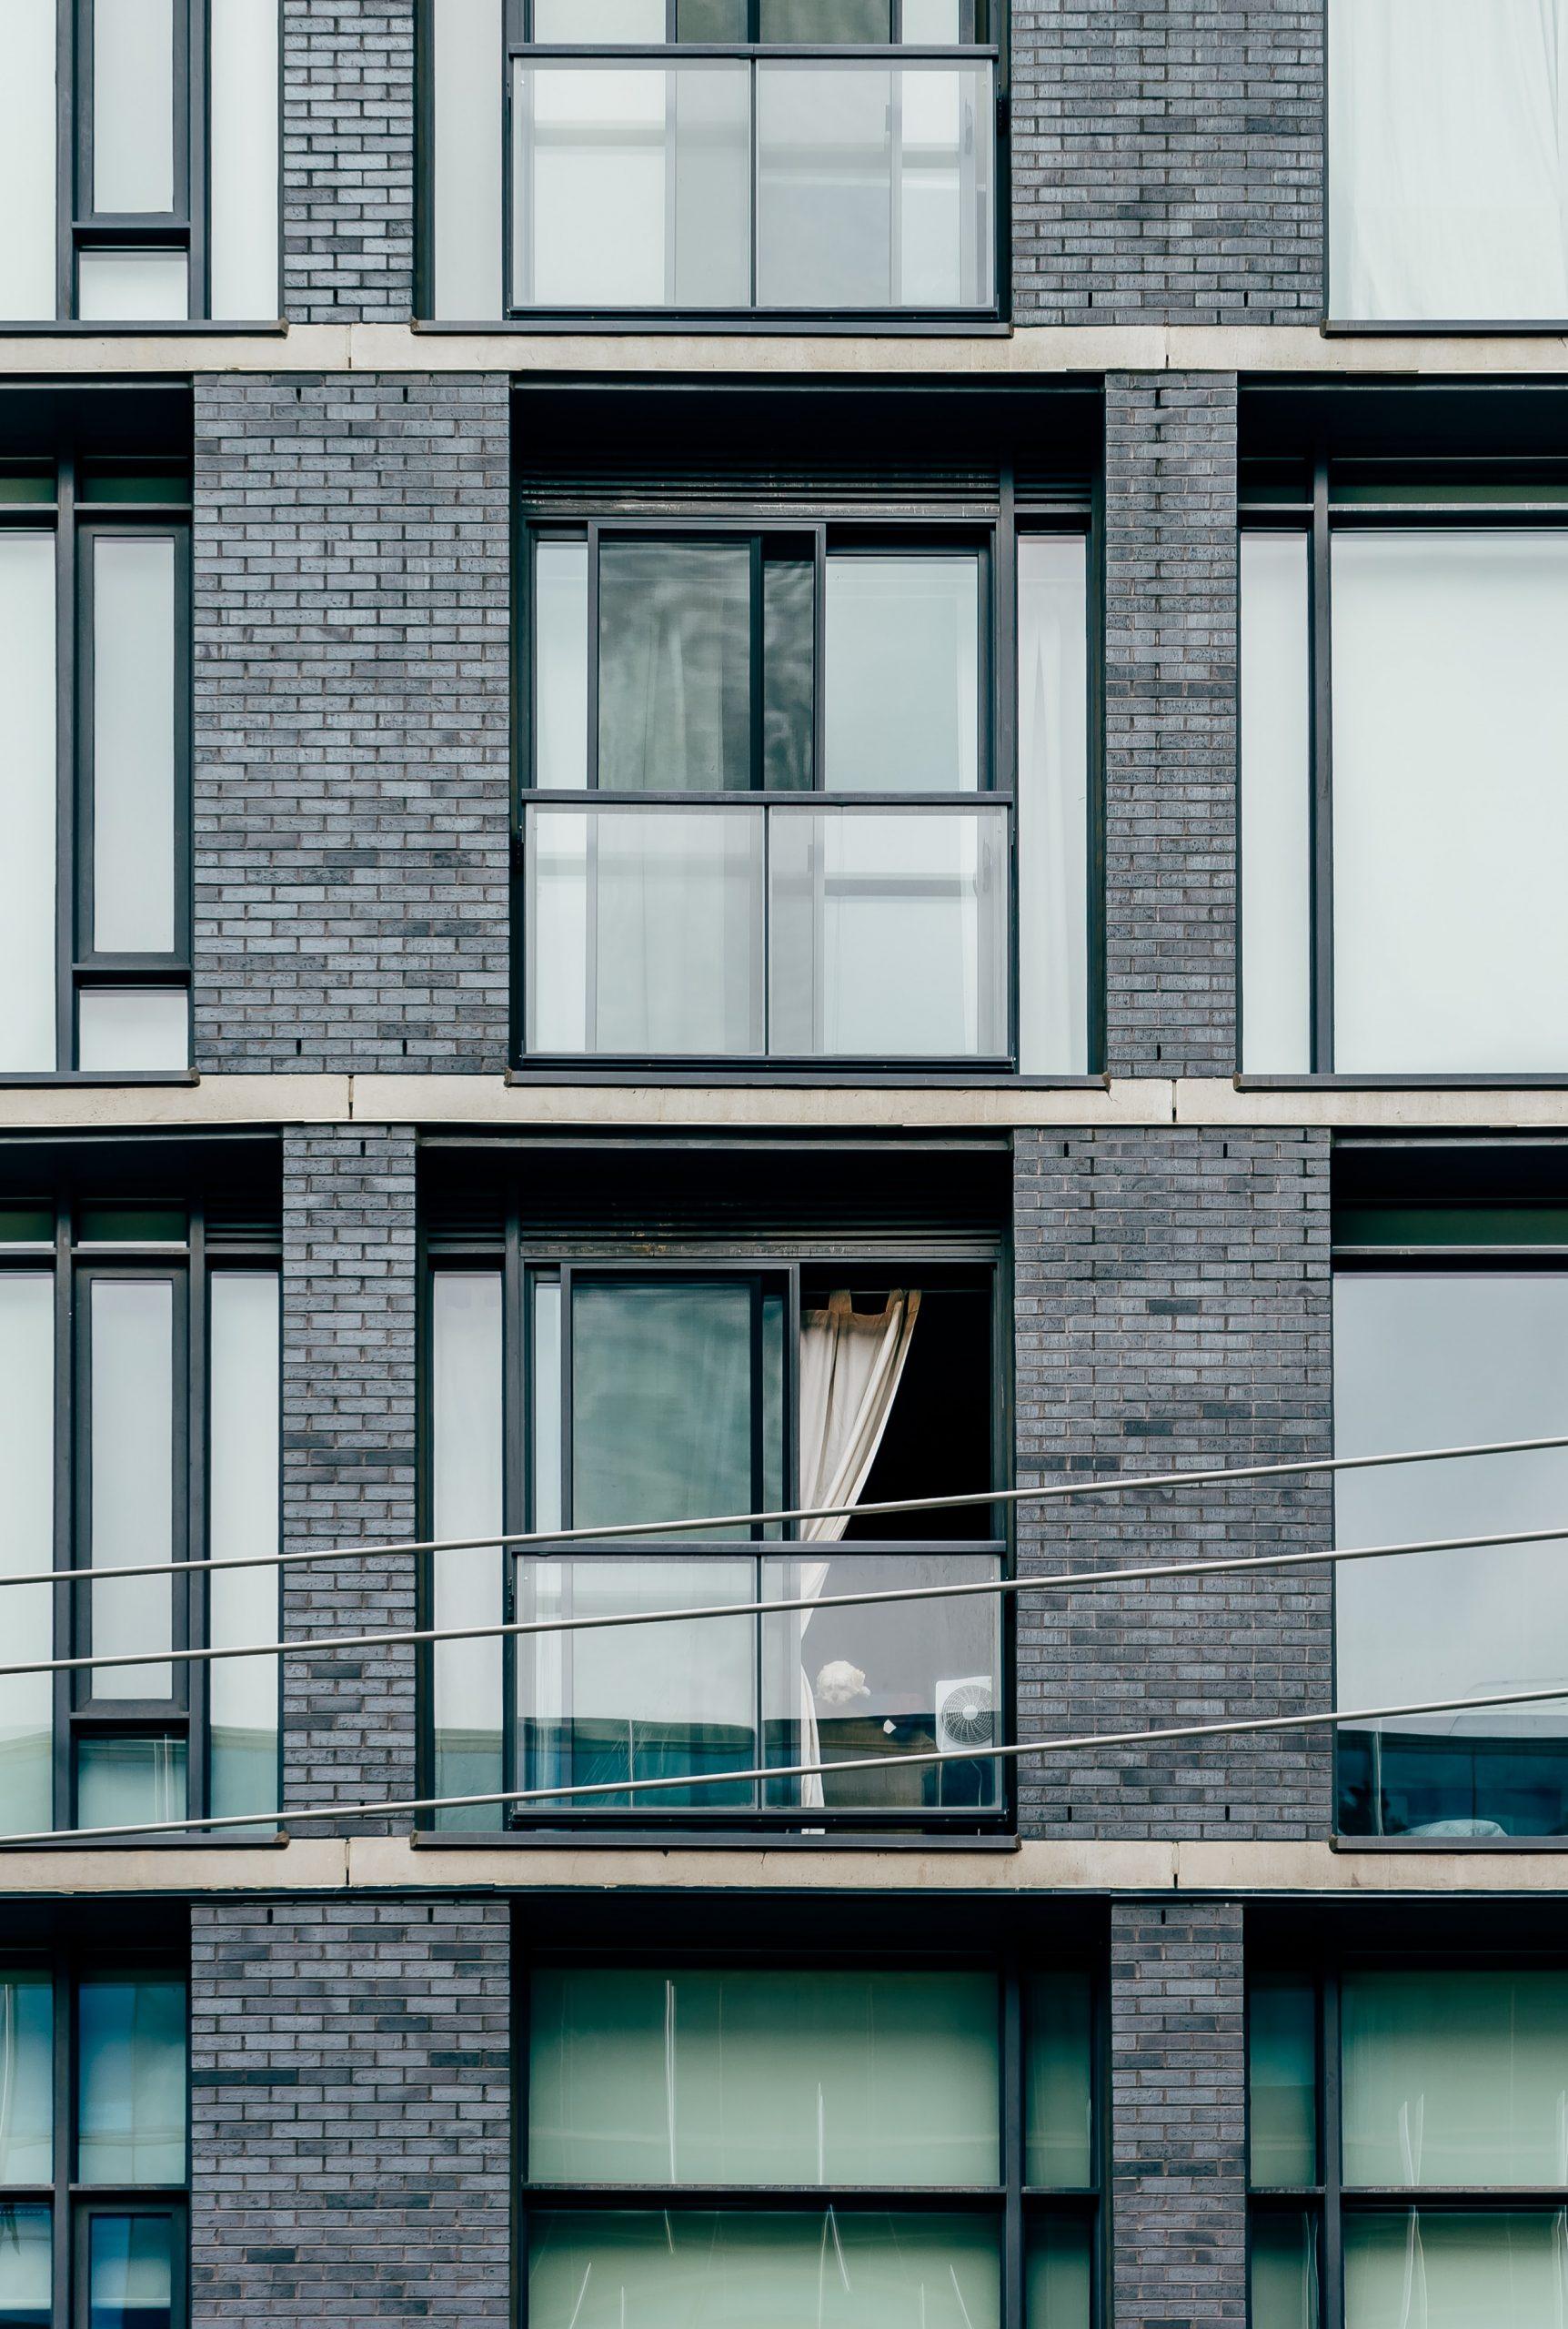 lejlighed, vinduer (Foto: Unsplash)